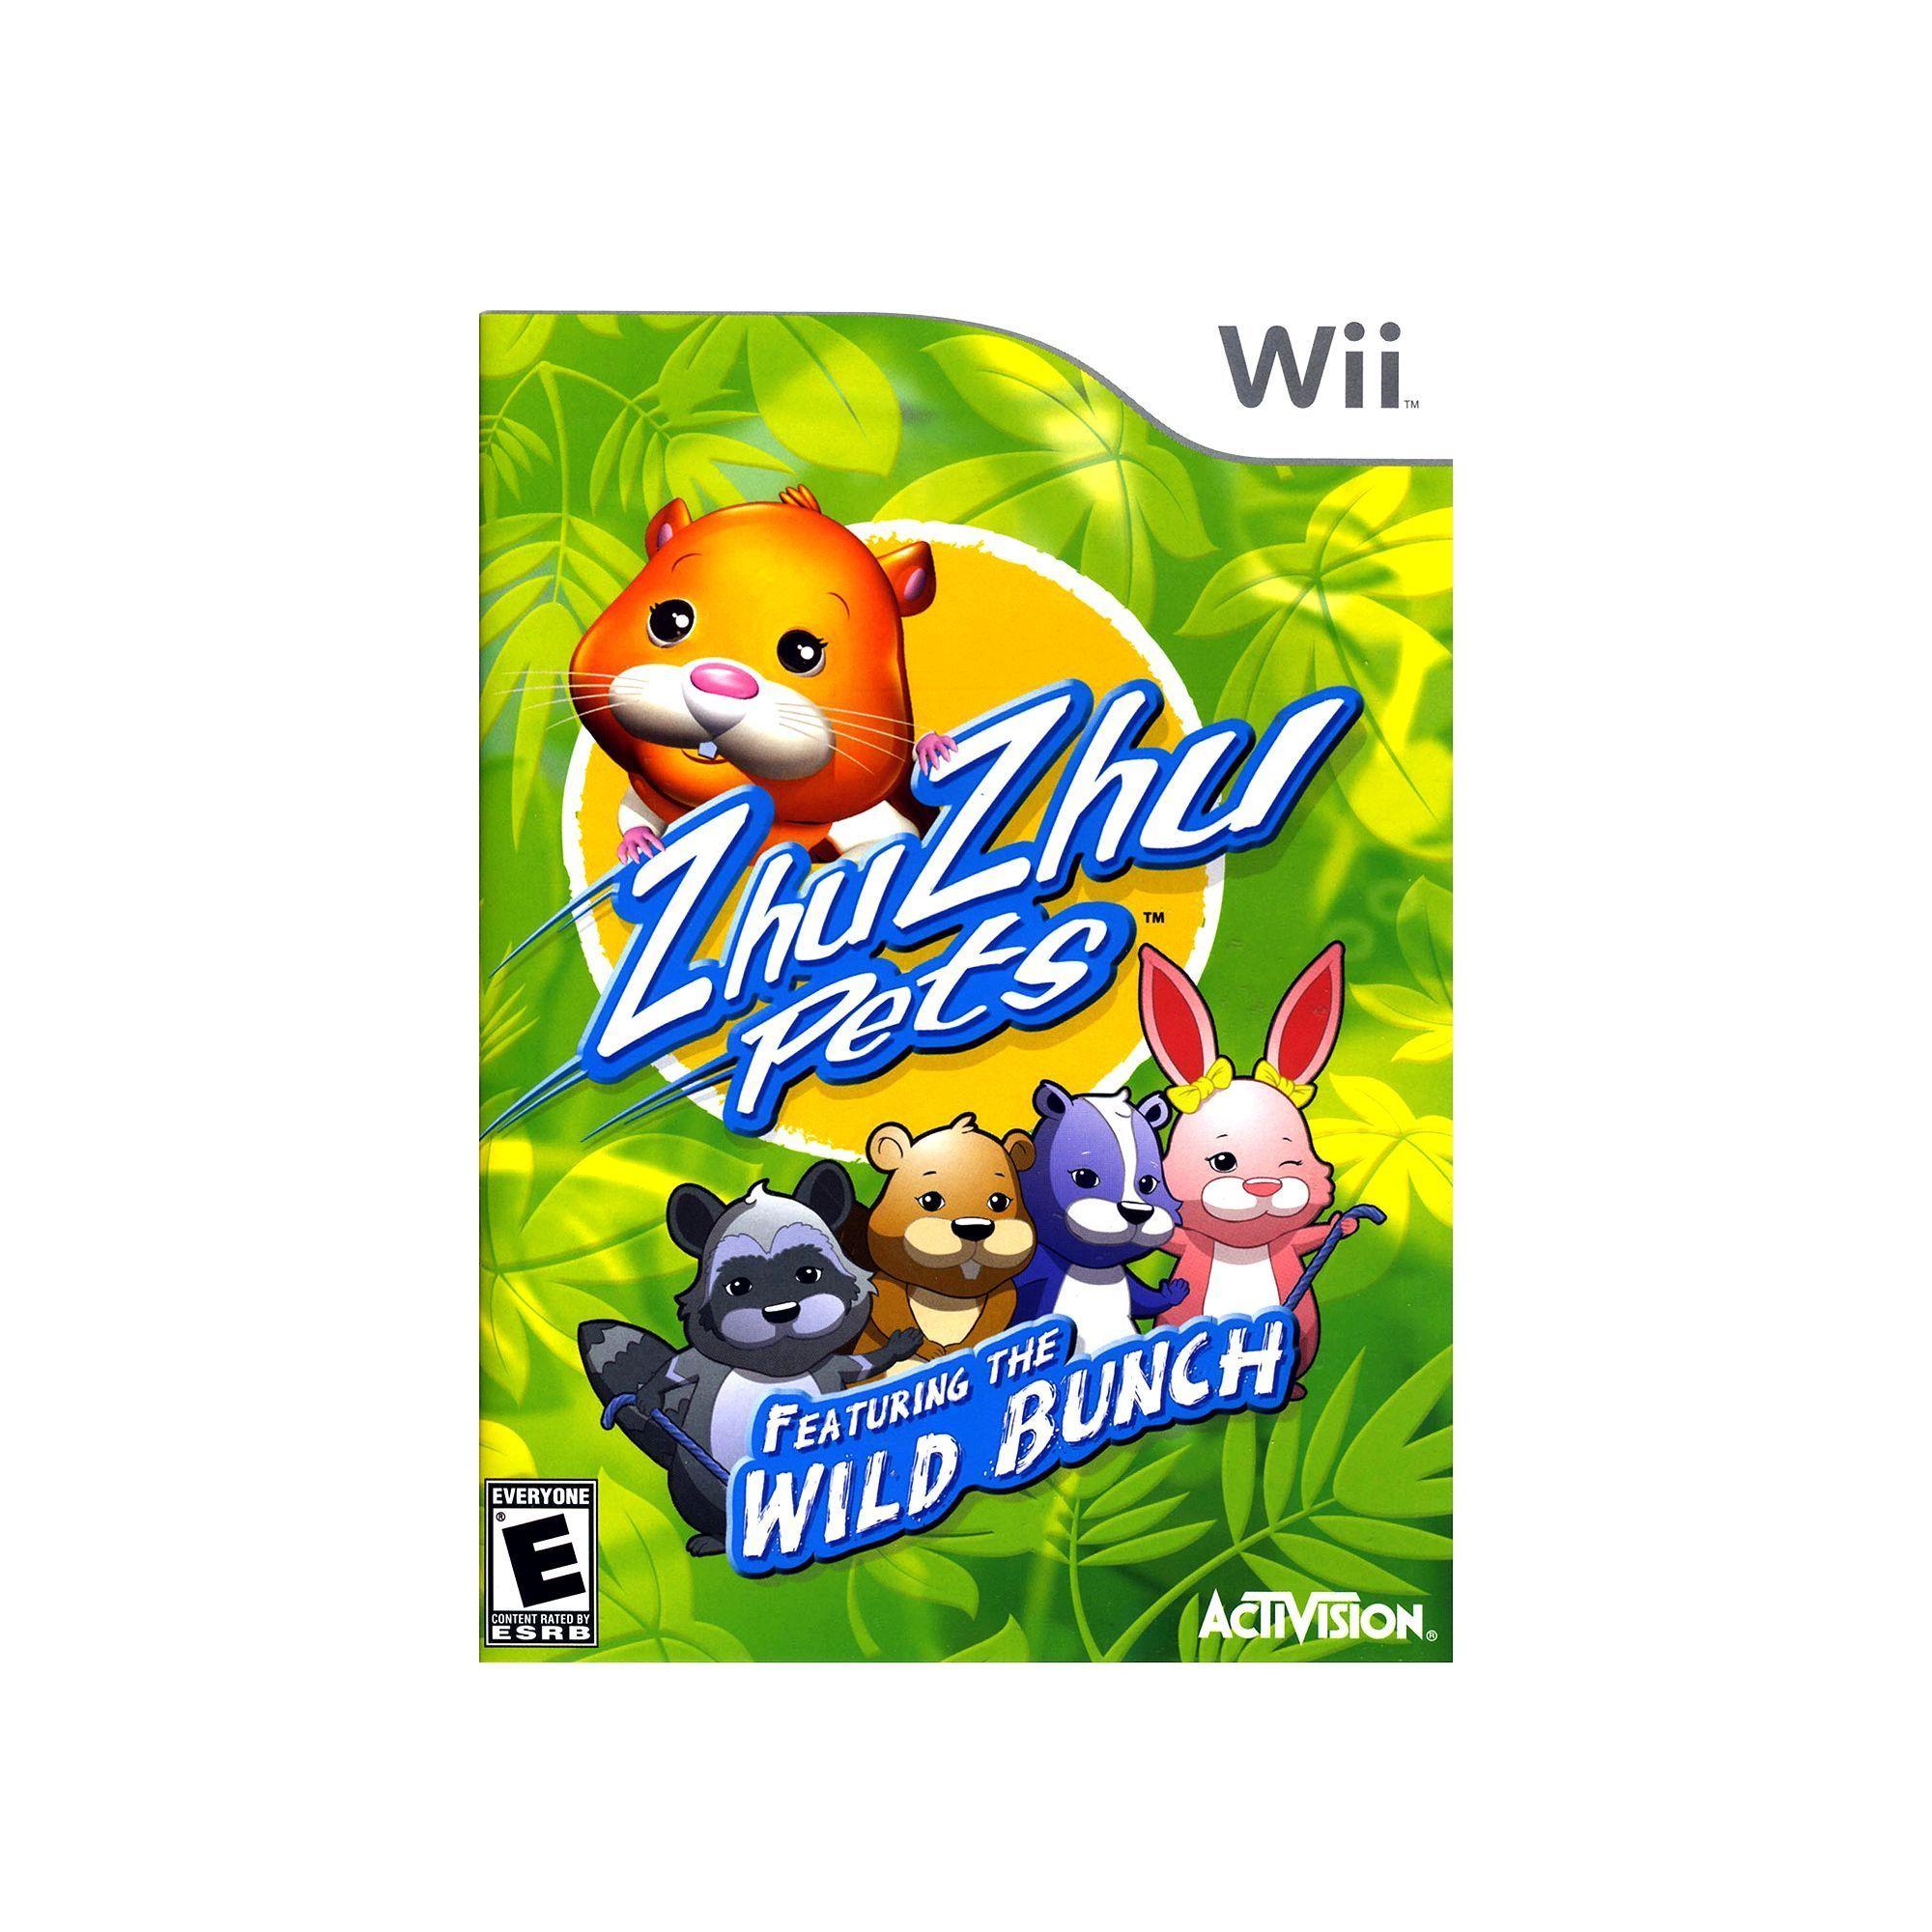 Zhu Zhu Pets Featuring the Wild Bunch for Nintendo Wii